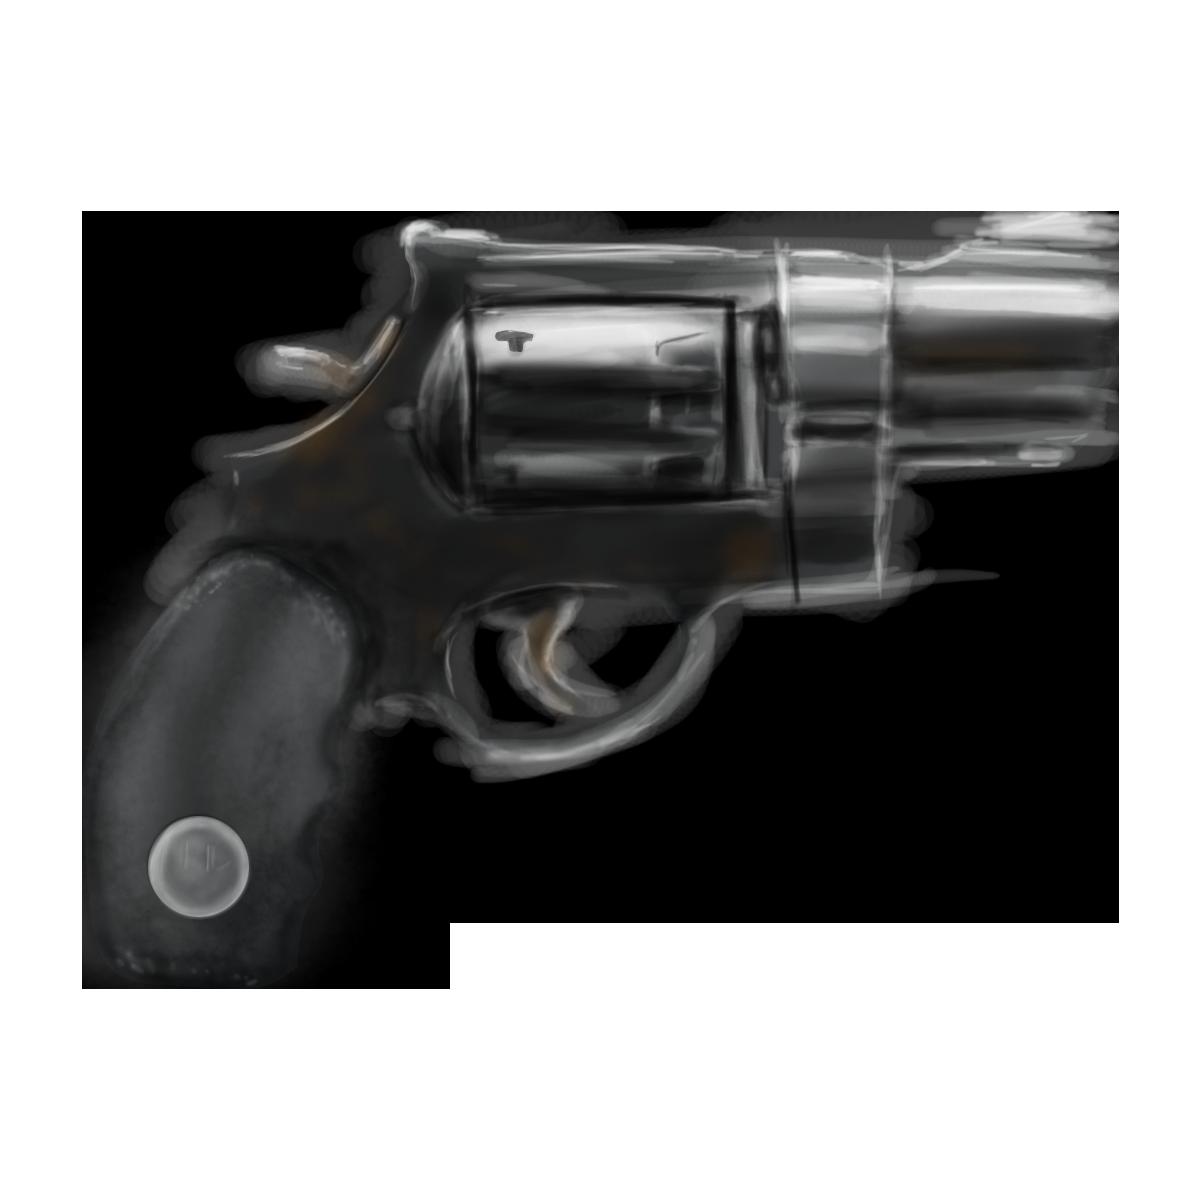 snub nose revolver